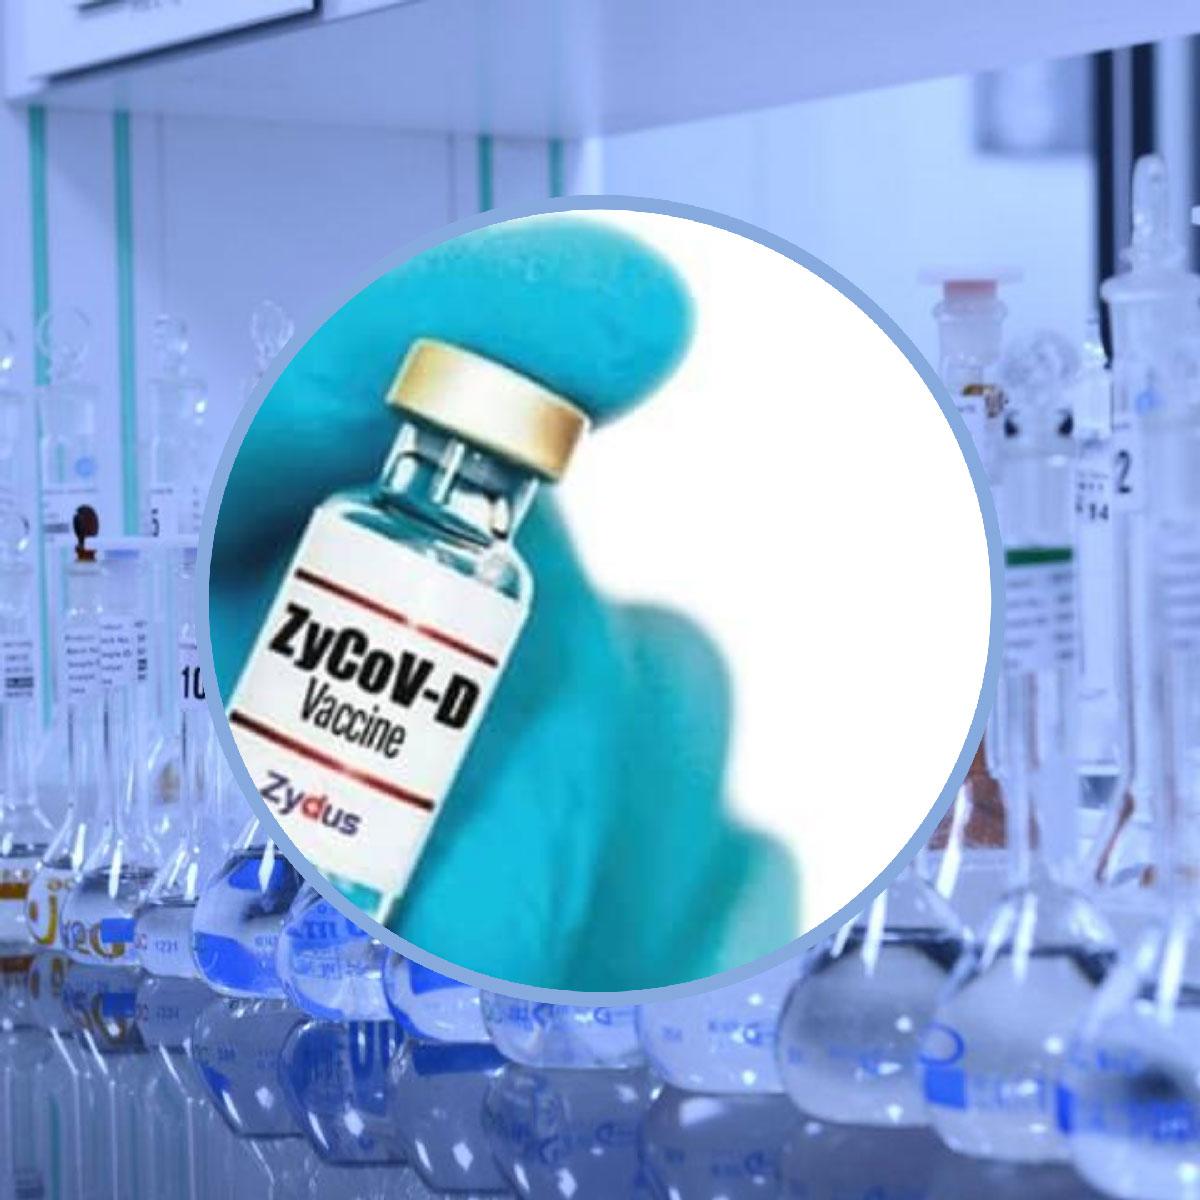 ટૂંક સમયમાં જ મળી શકે છે ચોથી વેક્સિન-'ZyCoV-D'; ઈમરજન્સી ઉપયોગ માટેની મંજૂરી માંગશે ઝાયડસ કેડિલા|ઈન્ડિયા,National - Divya Bhaskar